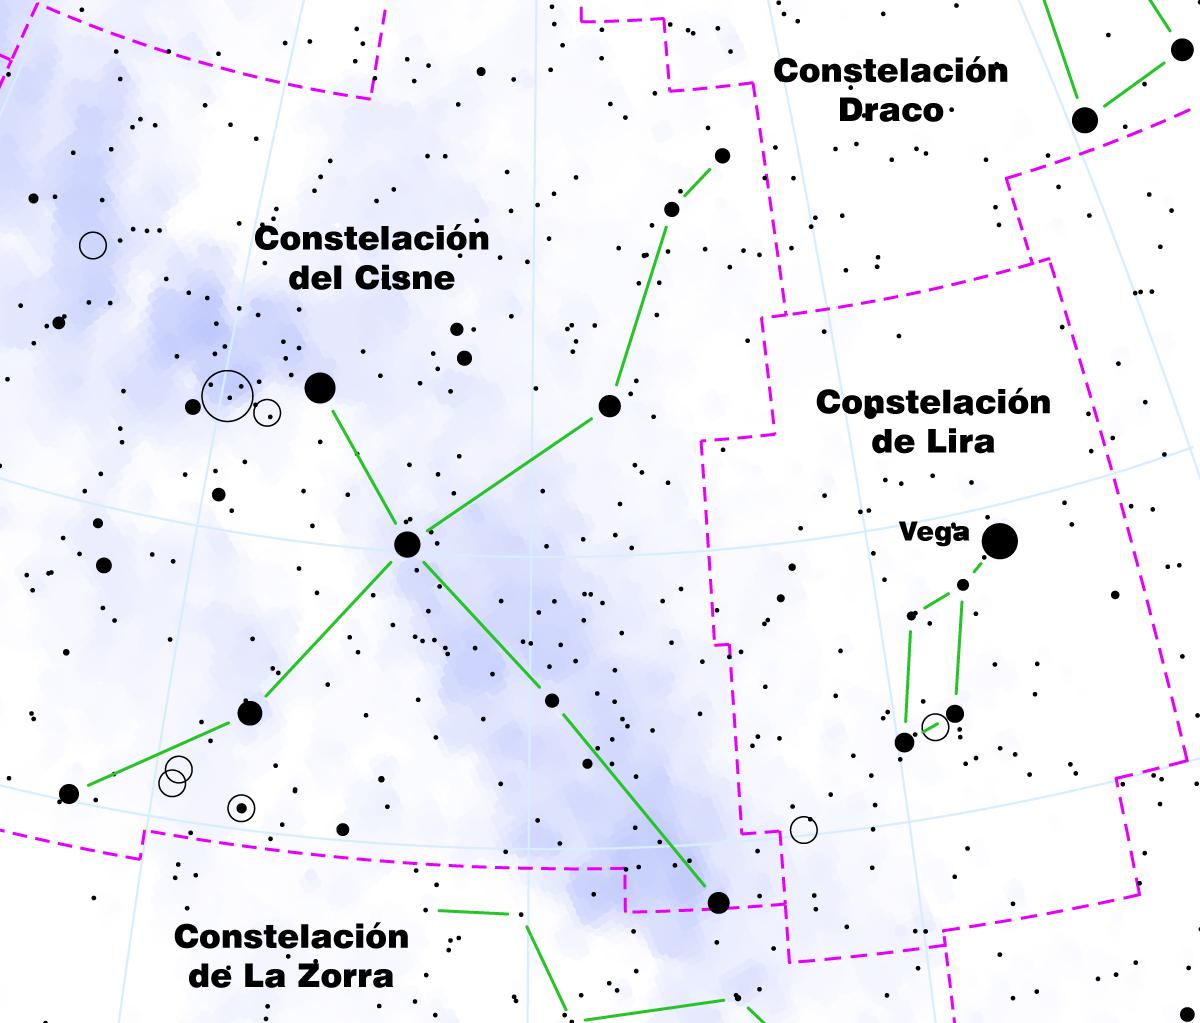 Situación de las constelaciones analizadas